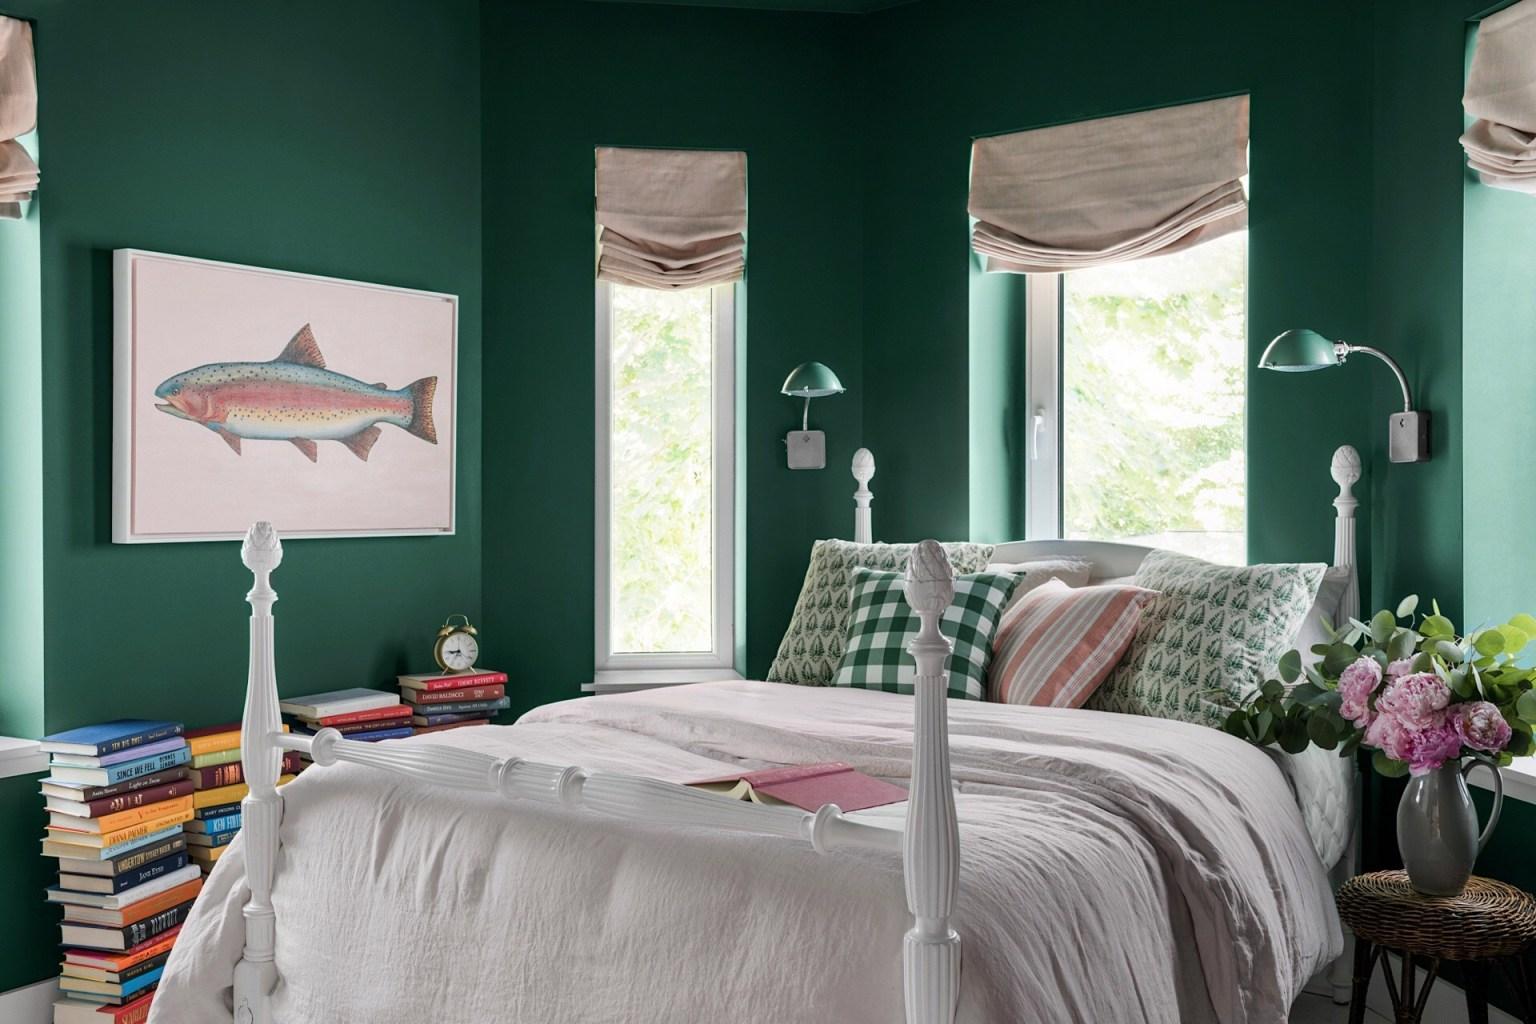 Căn nhà cấp 4 với nội thất dung dị nên thơ giữa khung cảnh xanh mát của vườn cây yên bình xung quanh - Ảnh 15.